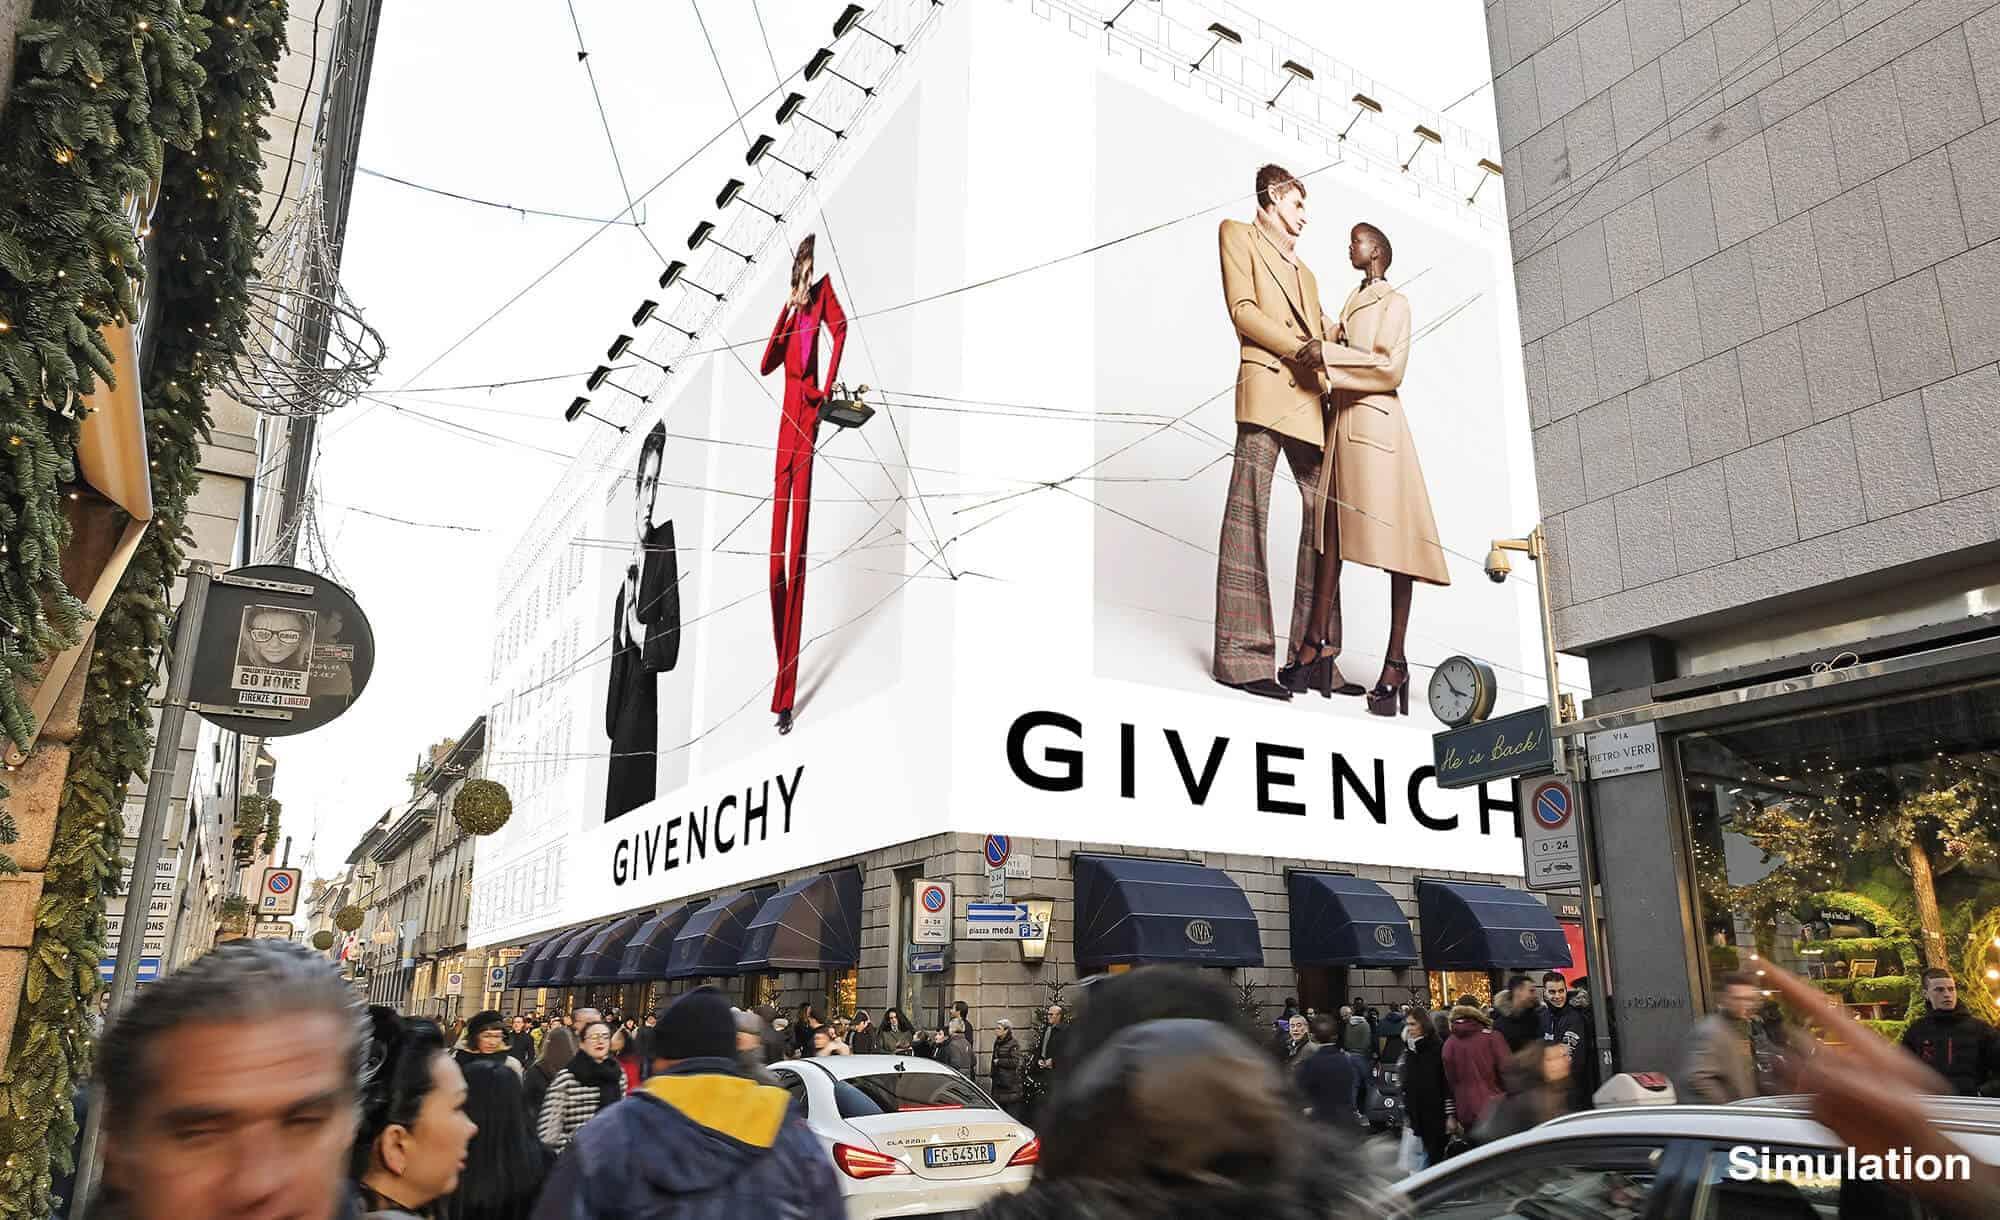 Maxi Affissione Streetvox Via Monte Napoleone 8 a Milano con Givenchy (Fashion)